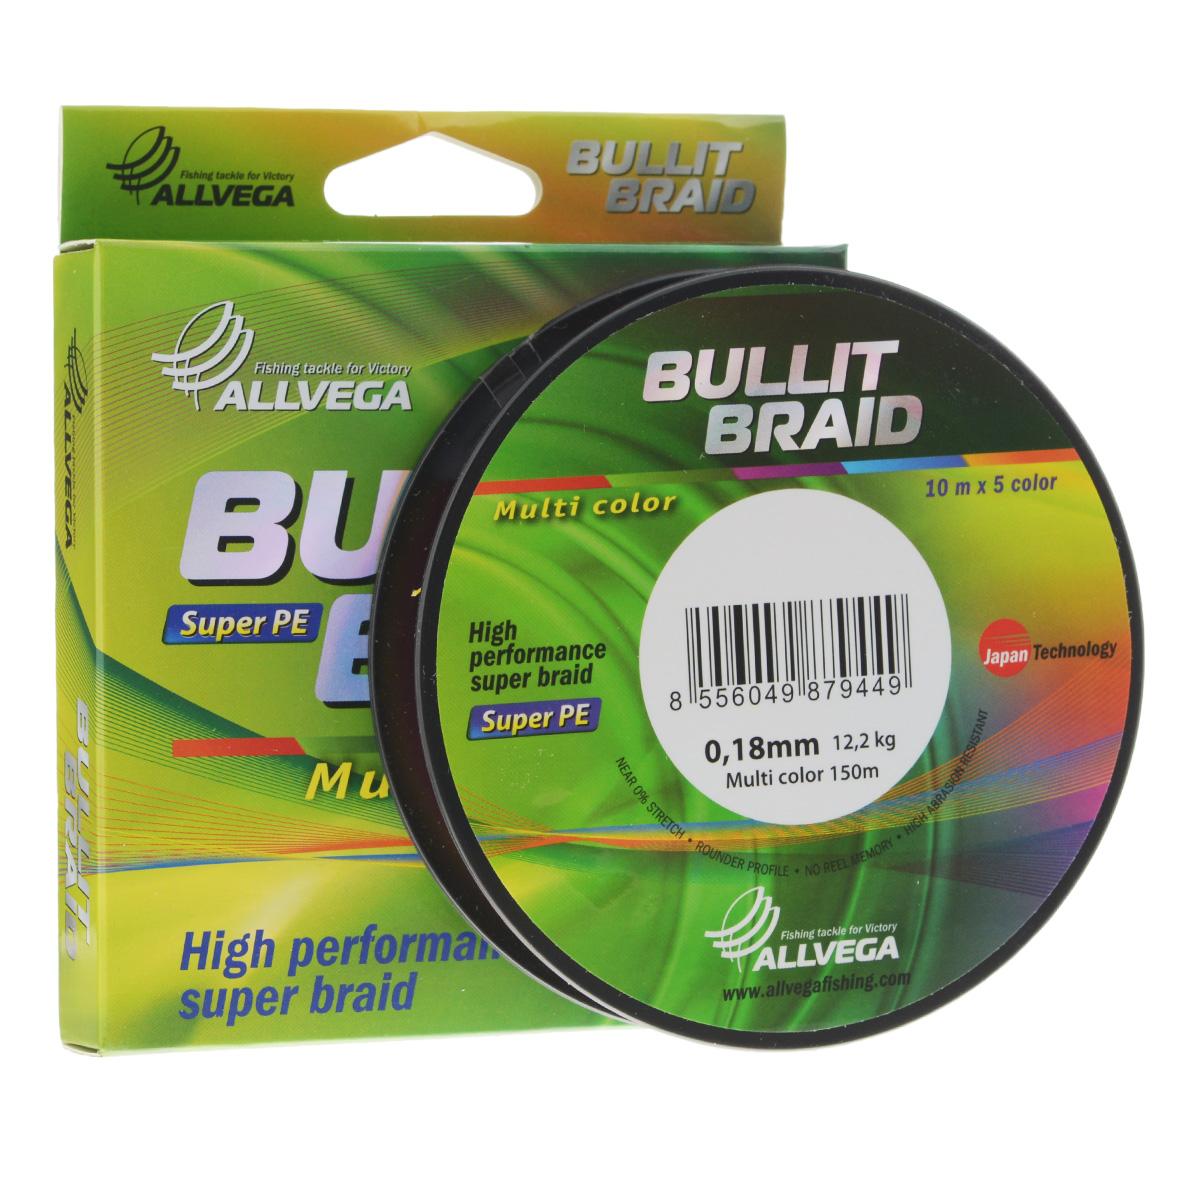 Леска плетеная Allvega Bullit Braid, цвет: мультиколор, 150 м, 0,18 мм, 12,2 кг25839Леска Allvega Bullit Braid с гладкой поверхностью и одинаковым сечением по всей длине обладает высокой износостойкостью. Благодаря микроволокнам полиэтилена (Super PE) леска имеет очень плотное плетение и не впитывает воду. Леску Allvega Bullit Braid можно применять в любых типах водоемов. Особенности:повышенная износостойкость;высокая чувствительность - коэффициент растяжения близок к нулю;отсутствует память; идеально гладкая поверхность позволяет увеличить дальность забросов; высокая прочность шнура на узлах.